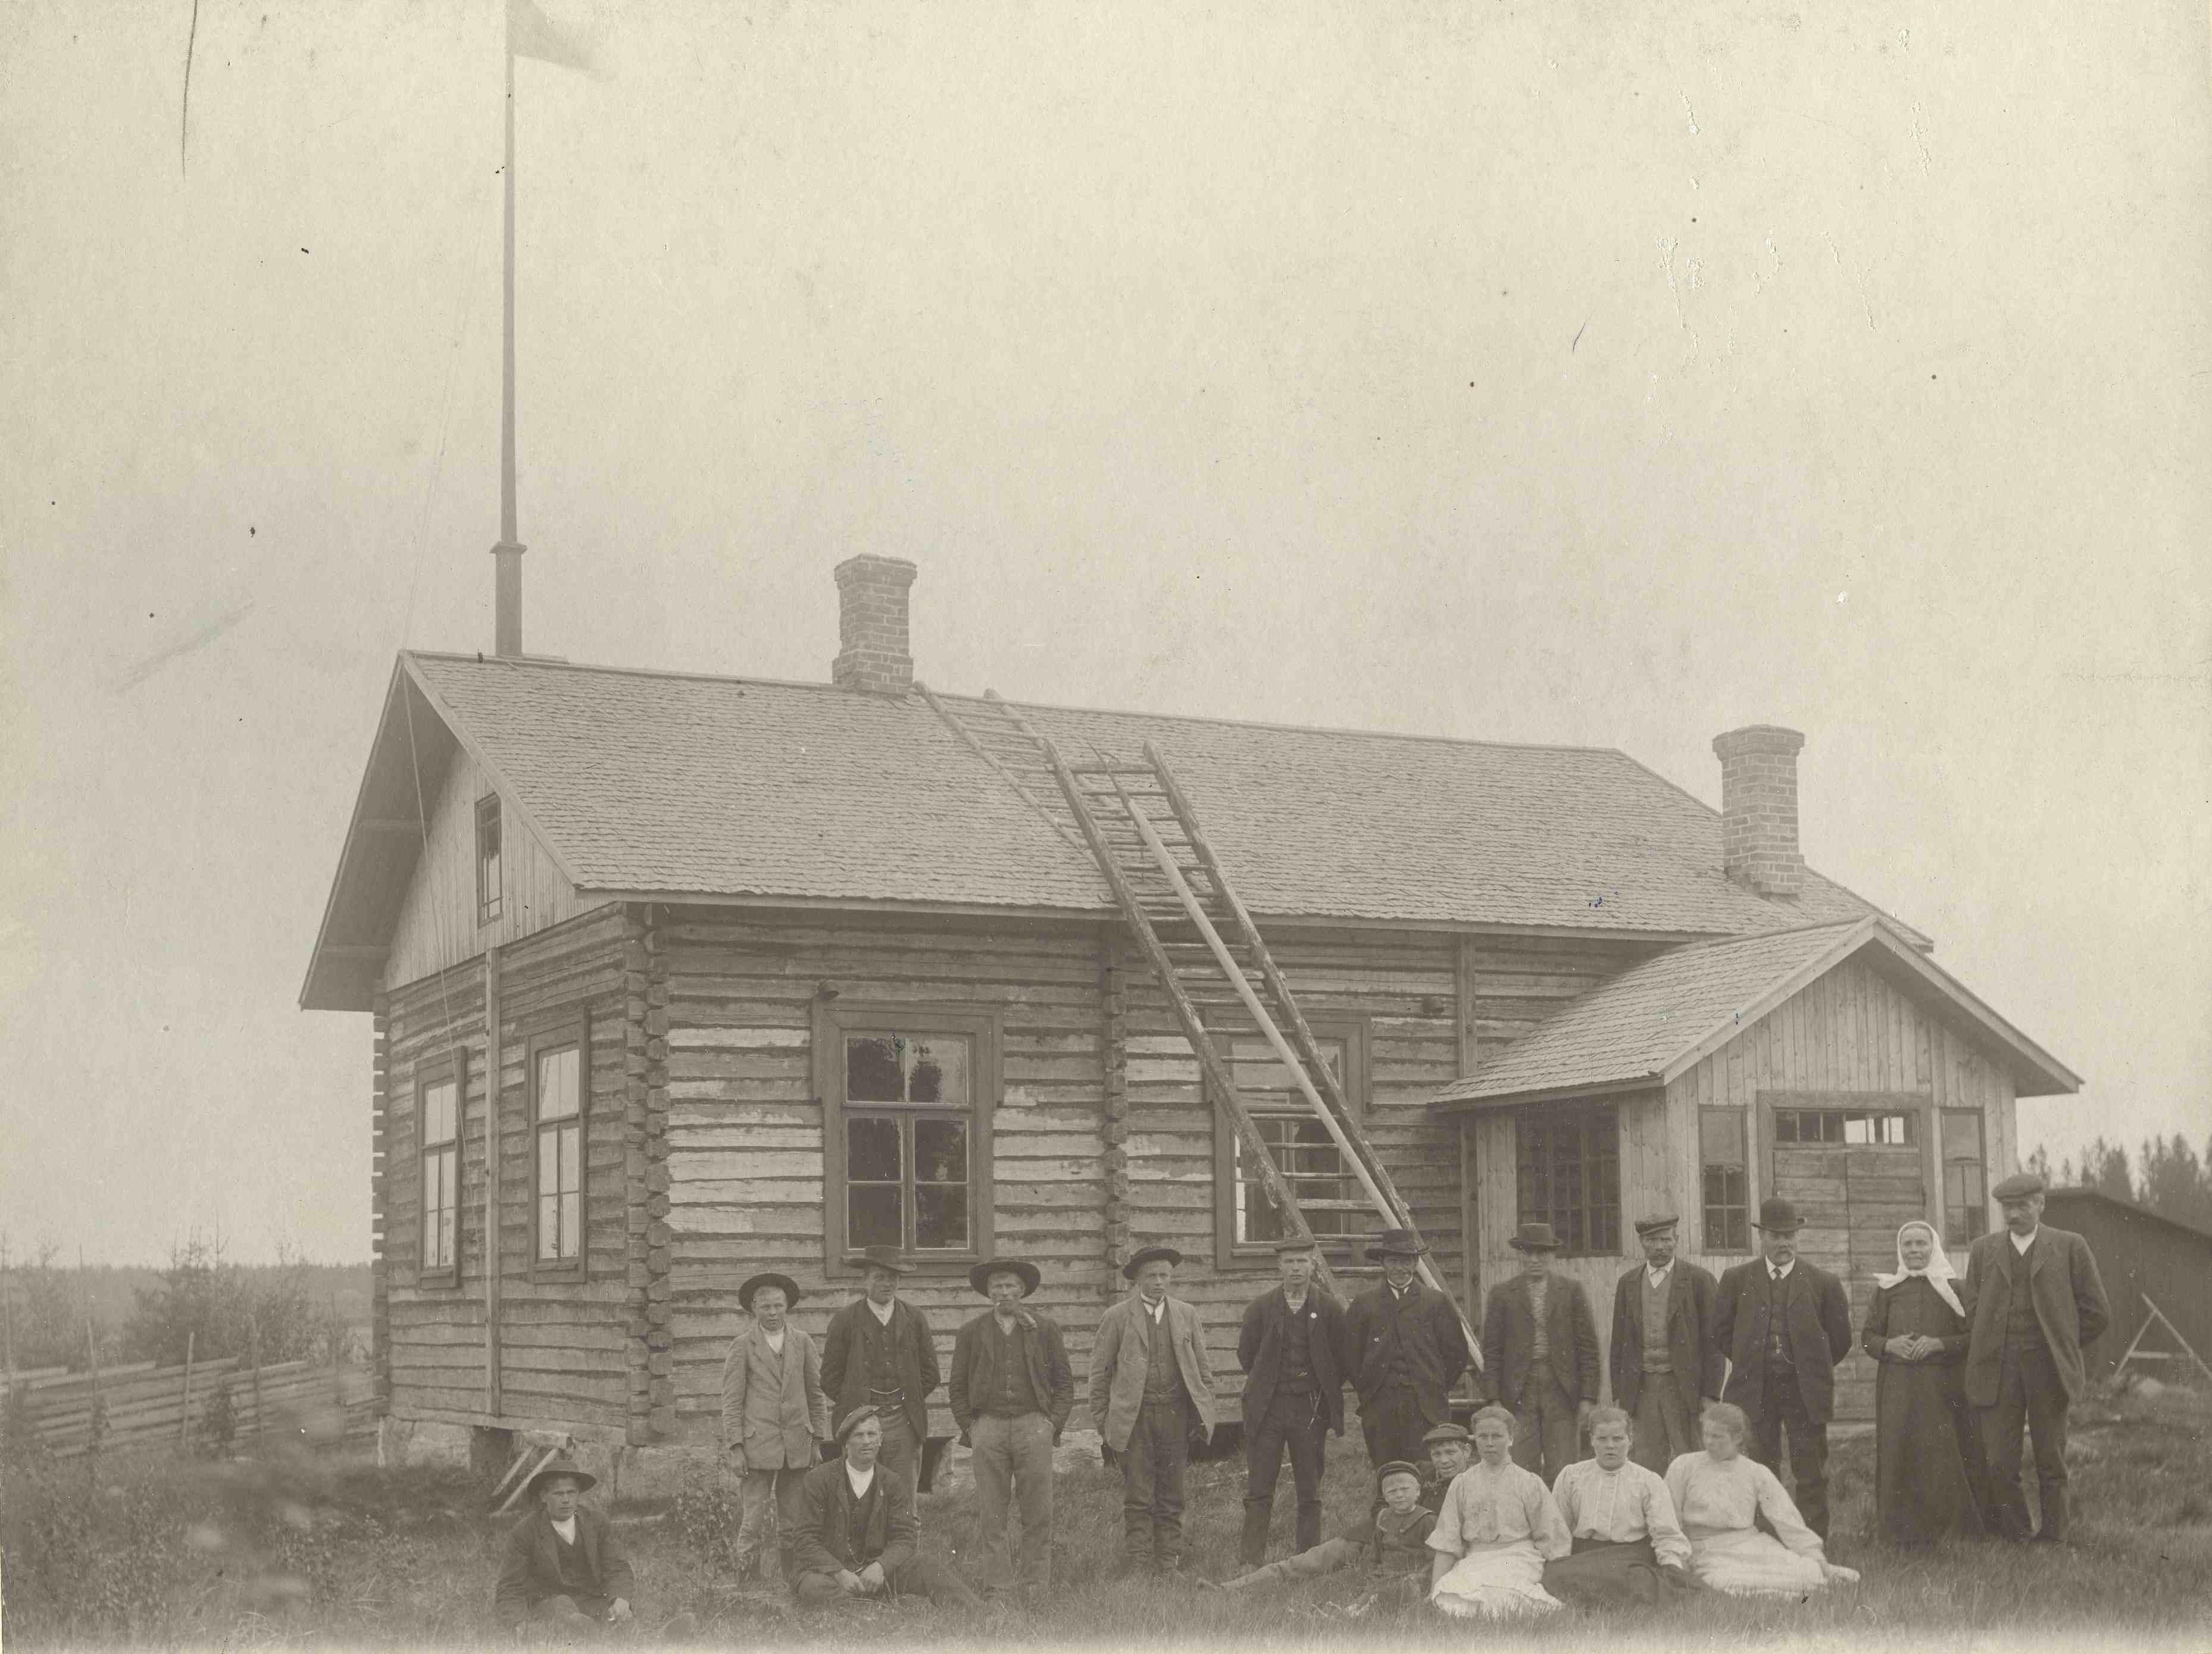 Huittisten Loimankylän työväenyhdistyksen jäseniä talonsa edustalla noin vuonna 1910. (Leppänen, Lauttakylä / Työväen Arkisto)